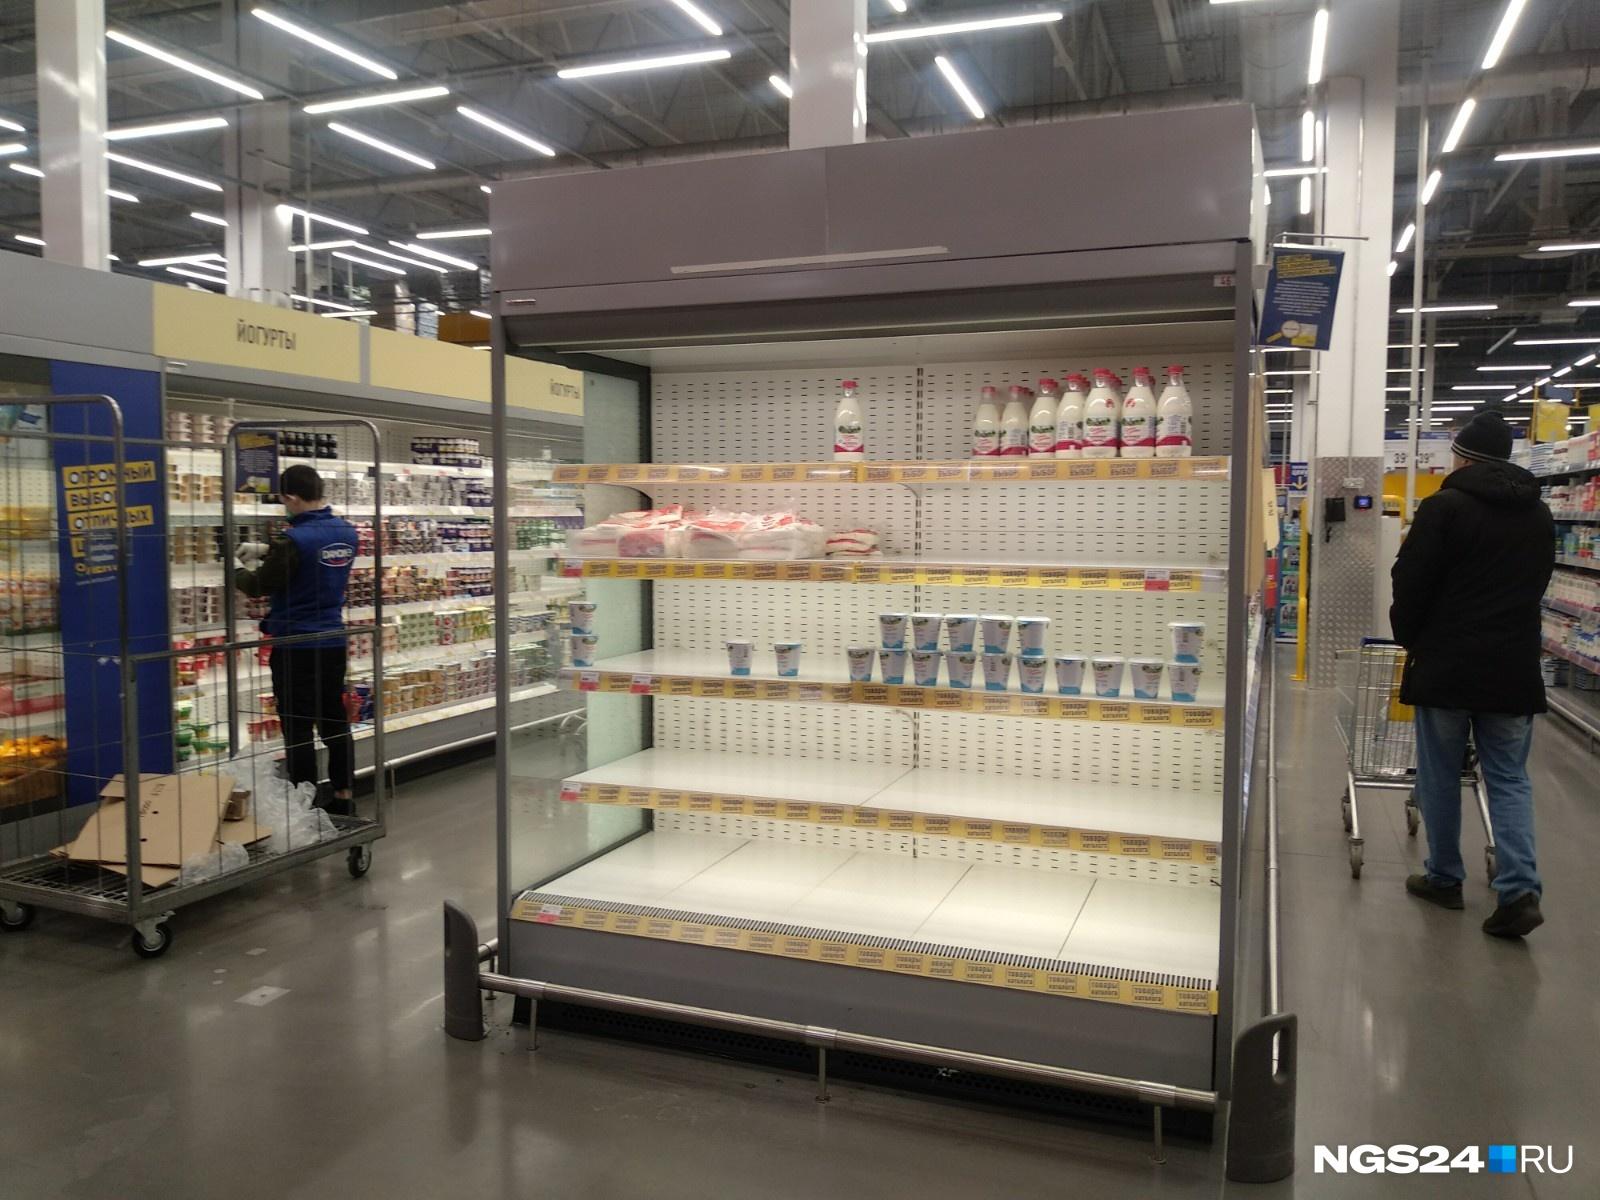 Несколько холодильников с торцов стеллажей оказались пусты